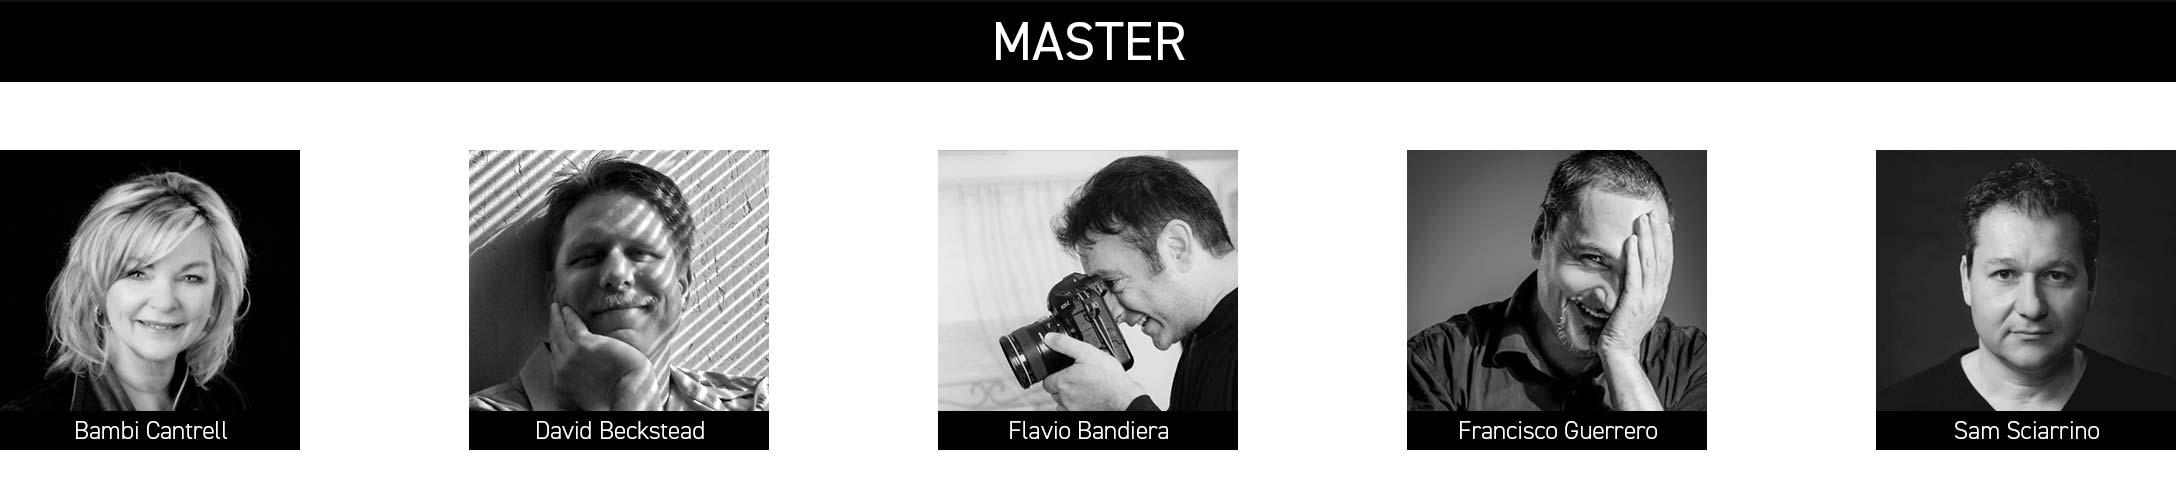 Master_x-3-lingue